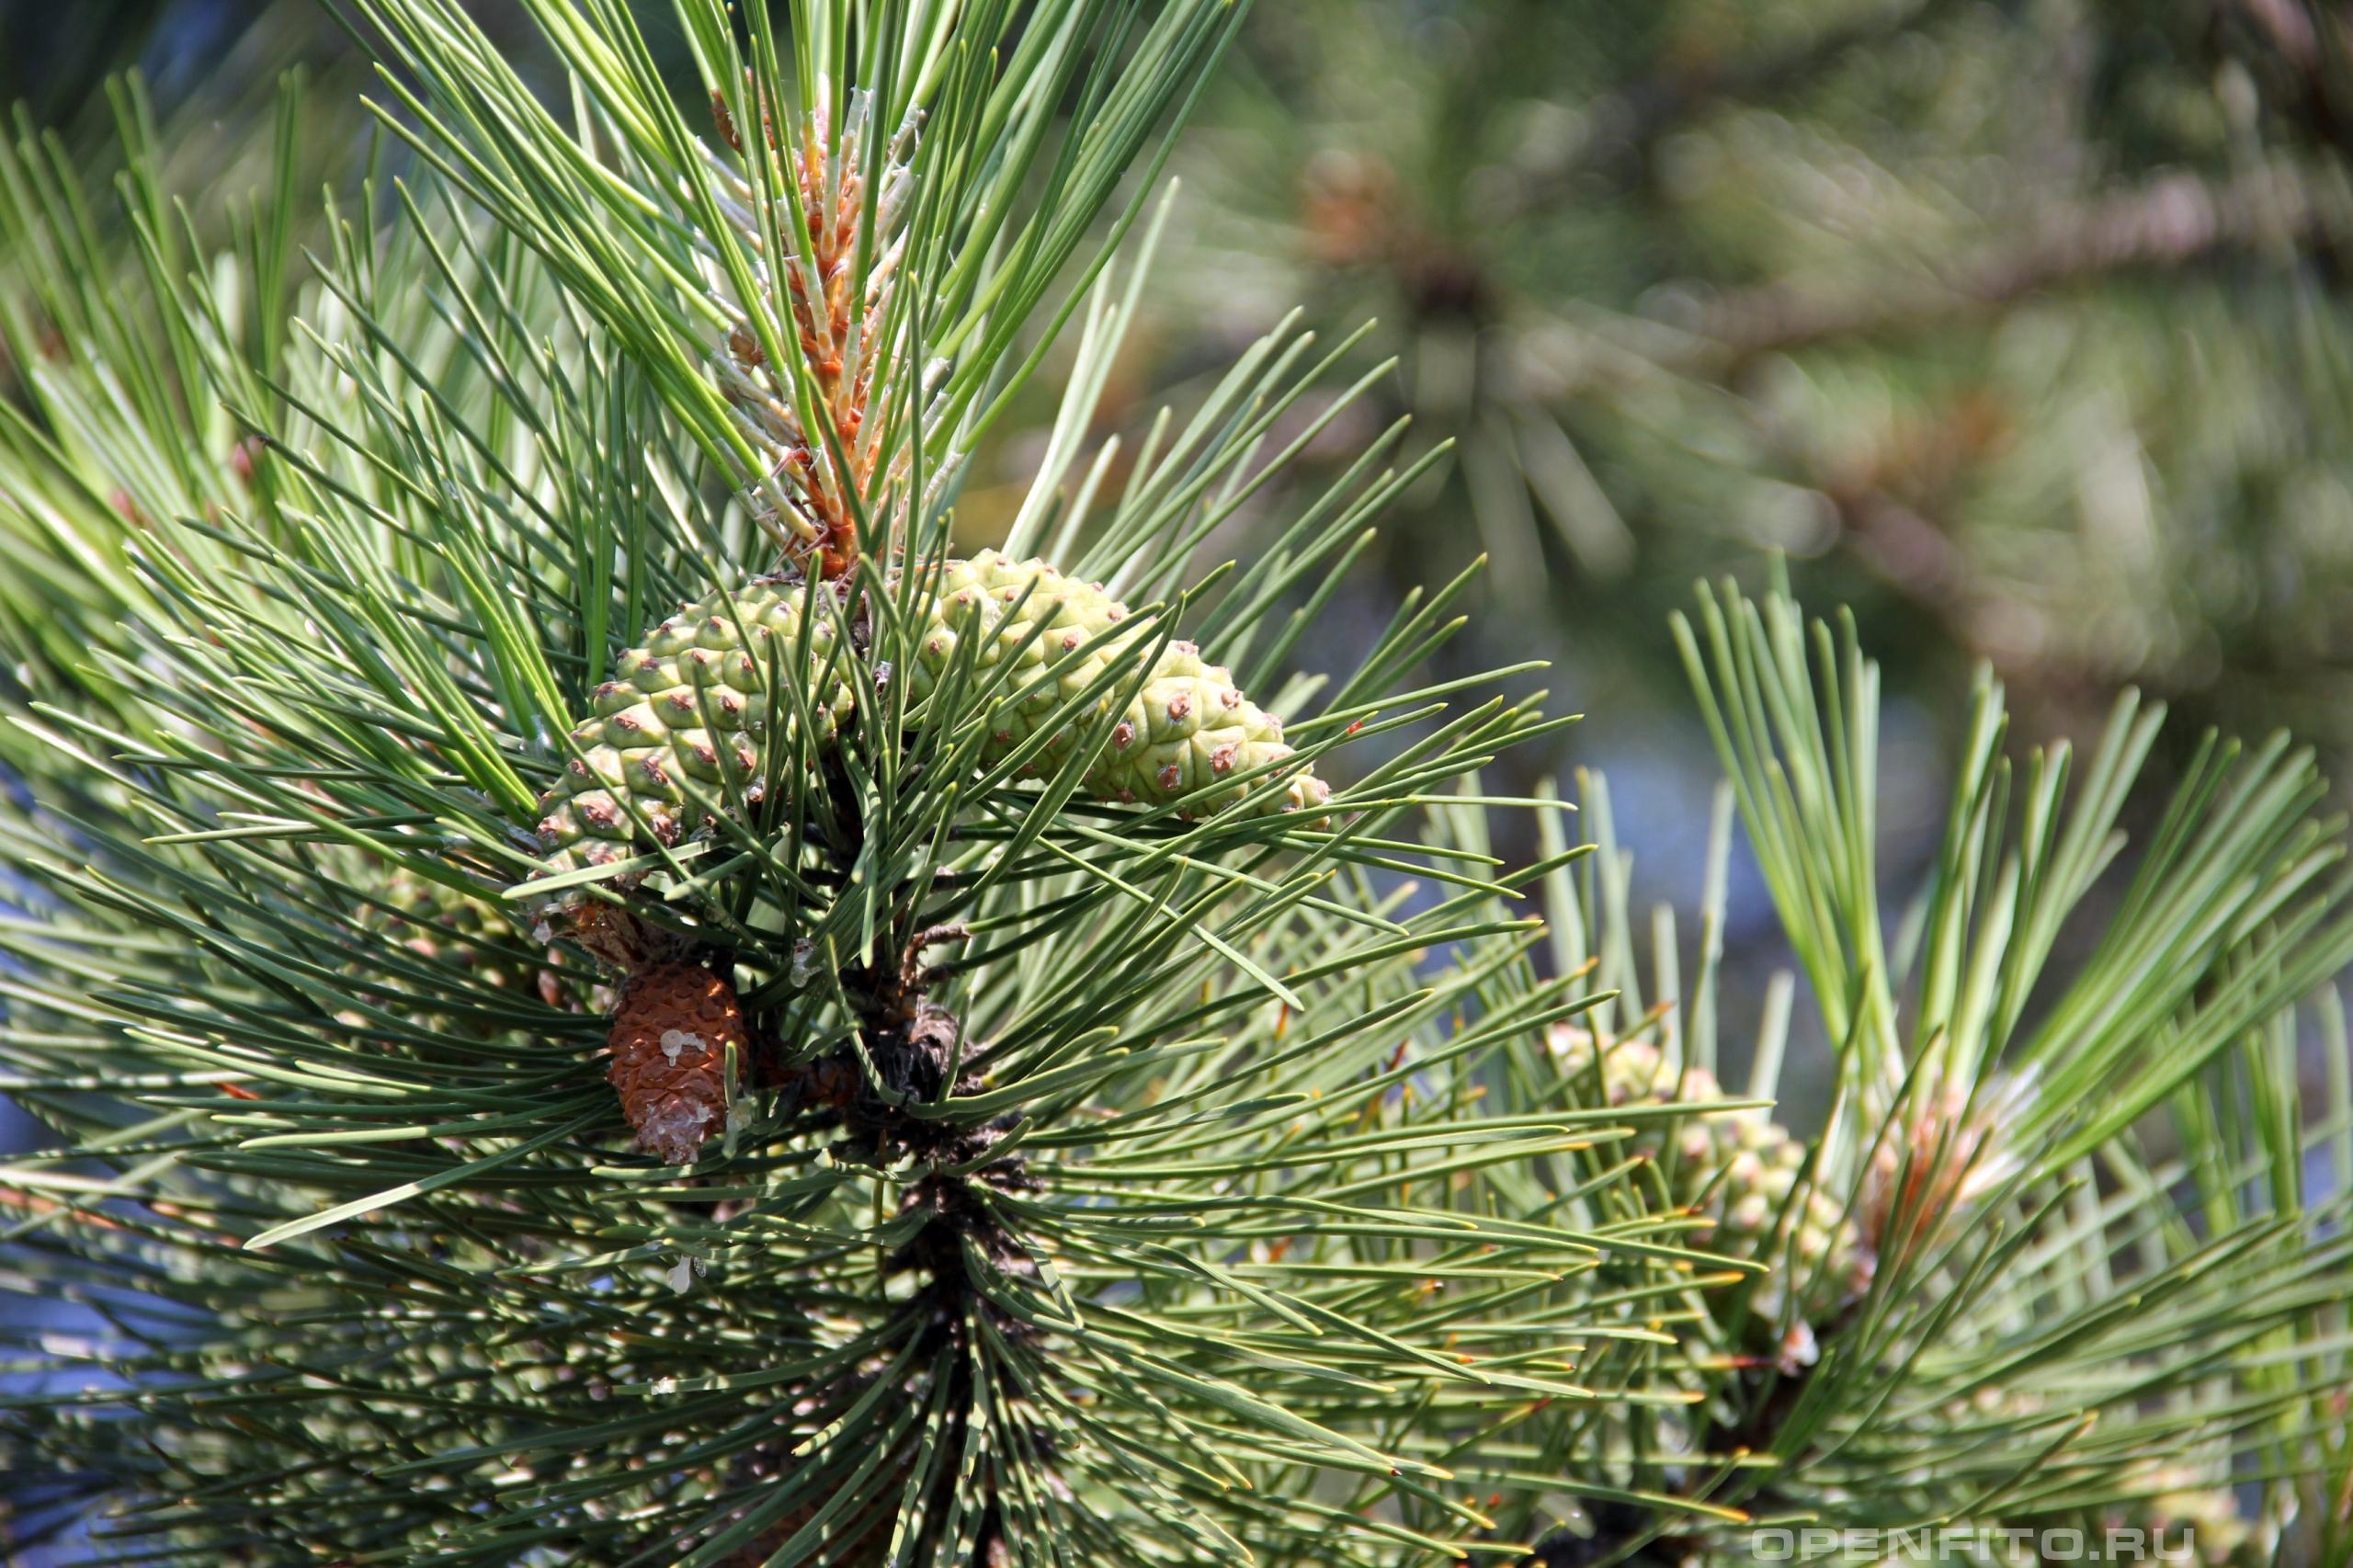 Сосна крымская незрелые зеленые шишки